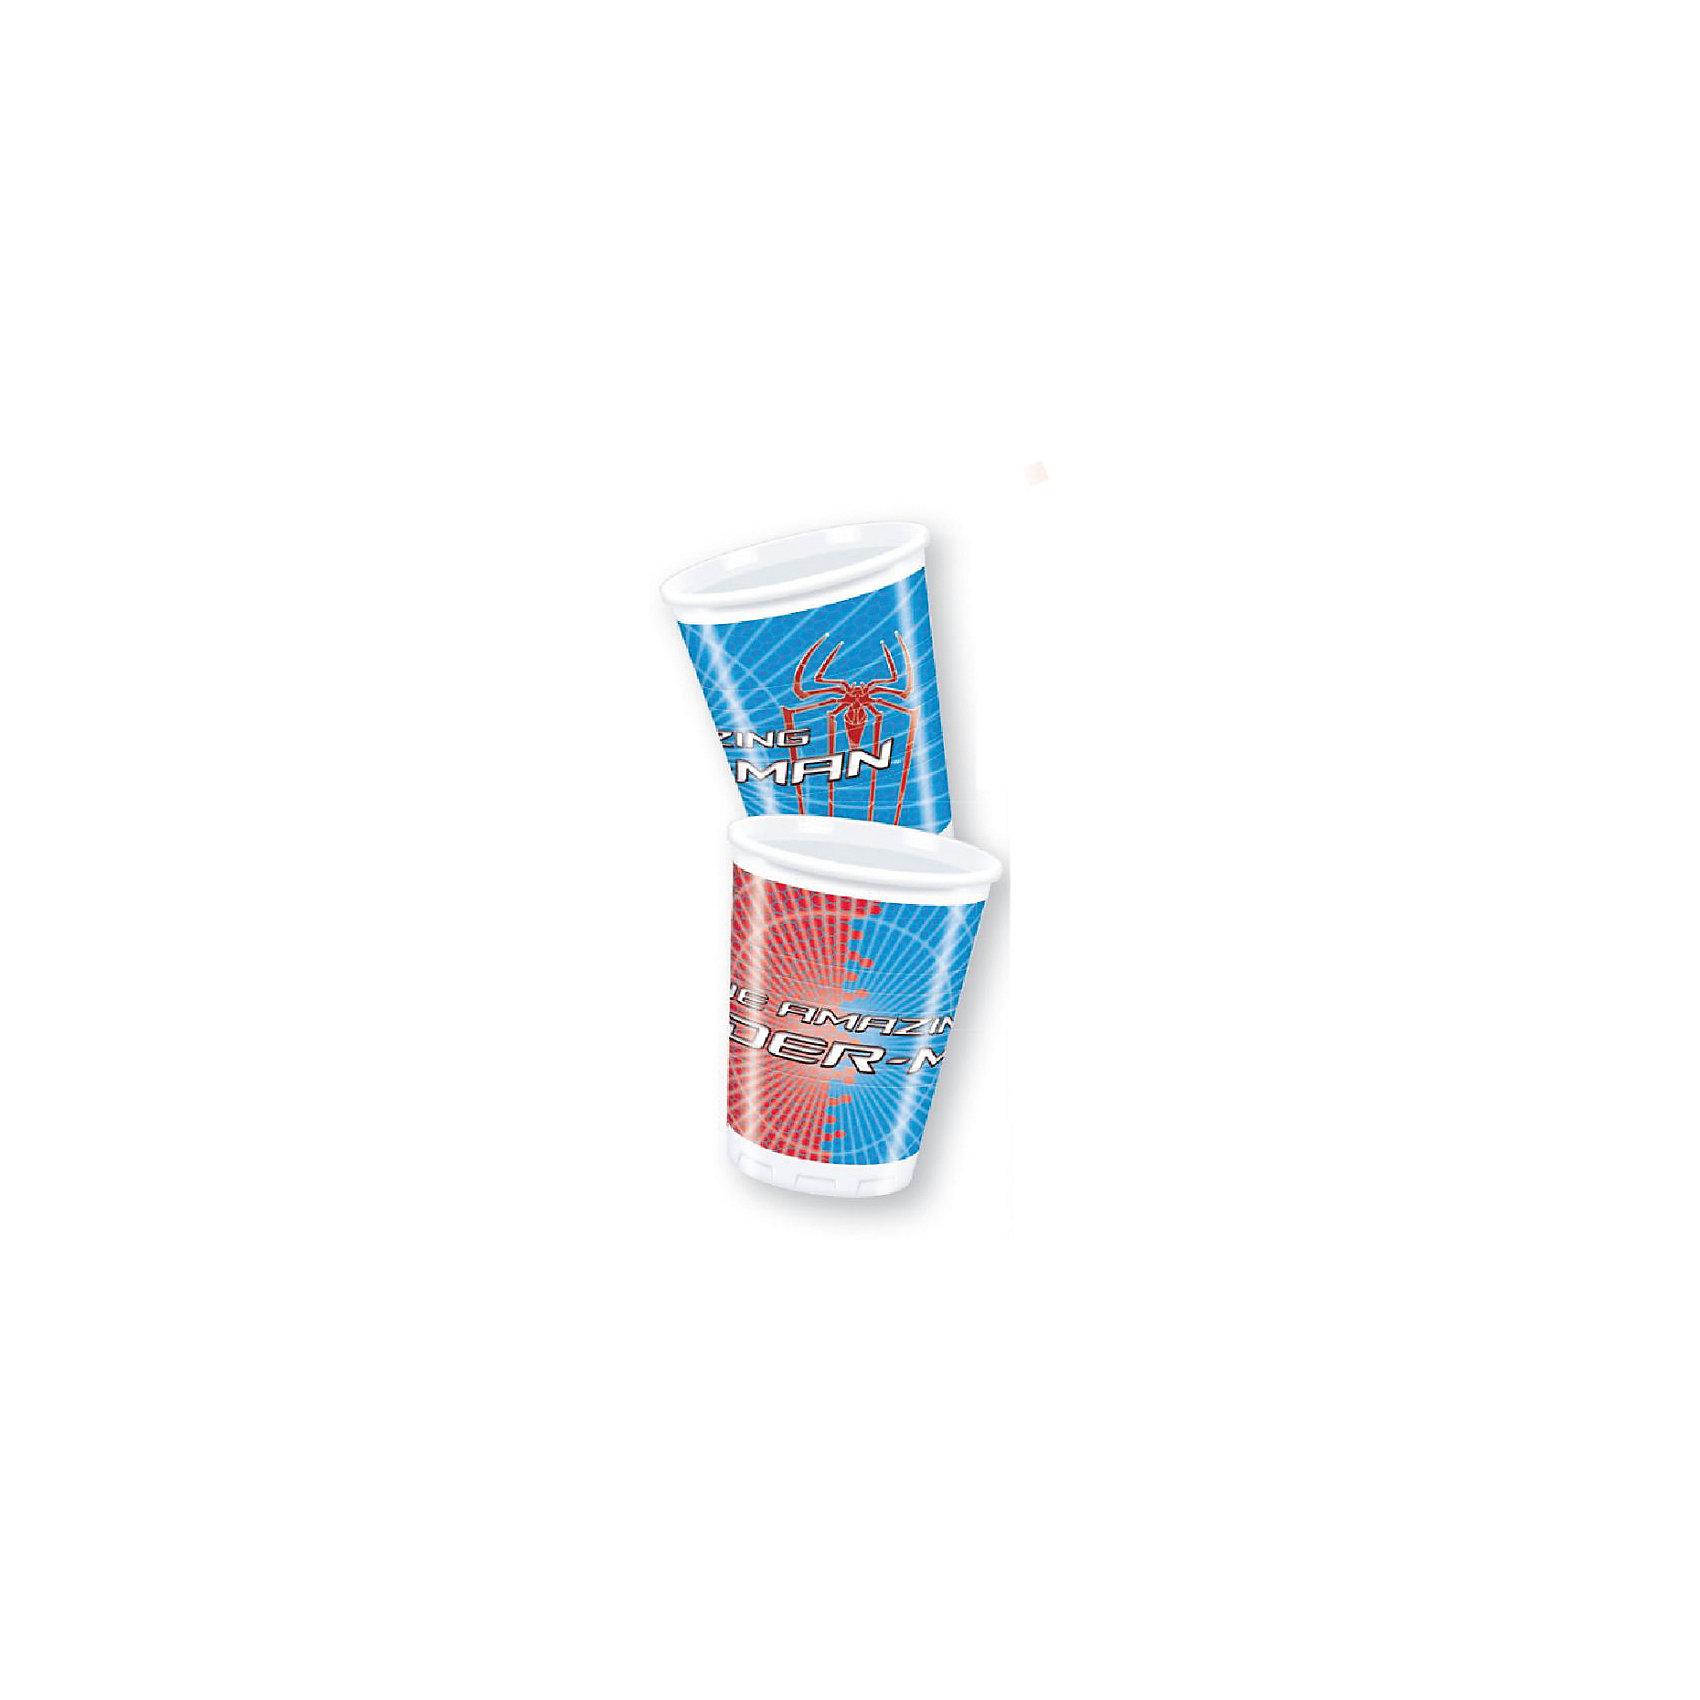 Стаканы пластиковые Человек-Паук - Невероятный, 180 мл, 10 шт.Стаканы пластиковые Человек-Паук - Невероятный 180 мл, 10 шт.<br>Объем стакана: 180 мл. <br>Чтобы любой детский праздник стал гораздо красочнее, интереснее и запомнился надолго, украсьте праздничный стол стаканы с рисунком Нового Человека-Паука. <br>Детские стаканы с логотипом фильма о Новом Человеке-Пауке понравятся всем мальчишкам.  <br>Детские стаканы изготовлены из высококачественных и нетоксичных материалов. <br>В комплекте: 10 штук.<br><br><br>Дополнительная информация:<br>Серия: Человек-Паук (Spider-Man)<br>65х65х110 мм<br><br>Поднимет настроение всей компании Вашего малыша!<br>Легко приобрести в нашем интернет-магазине!<br><br>Ширина мм: 65<br>Глубина мм: 65<br>Высота мм: 110<br>Вес г: 35<br>Возраст от месяцев: 36<br>Возраст до месяцев: 84<br>Пол: Мужской<br>Возраст: Детский<br>SKU: 3360108